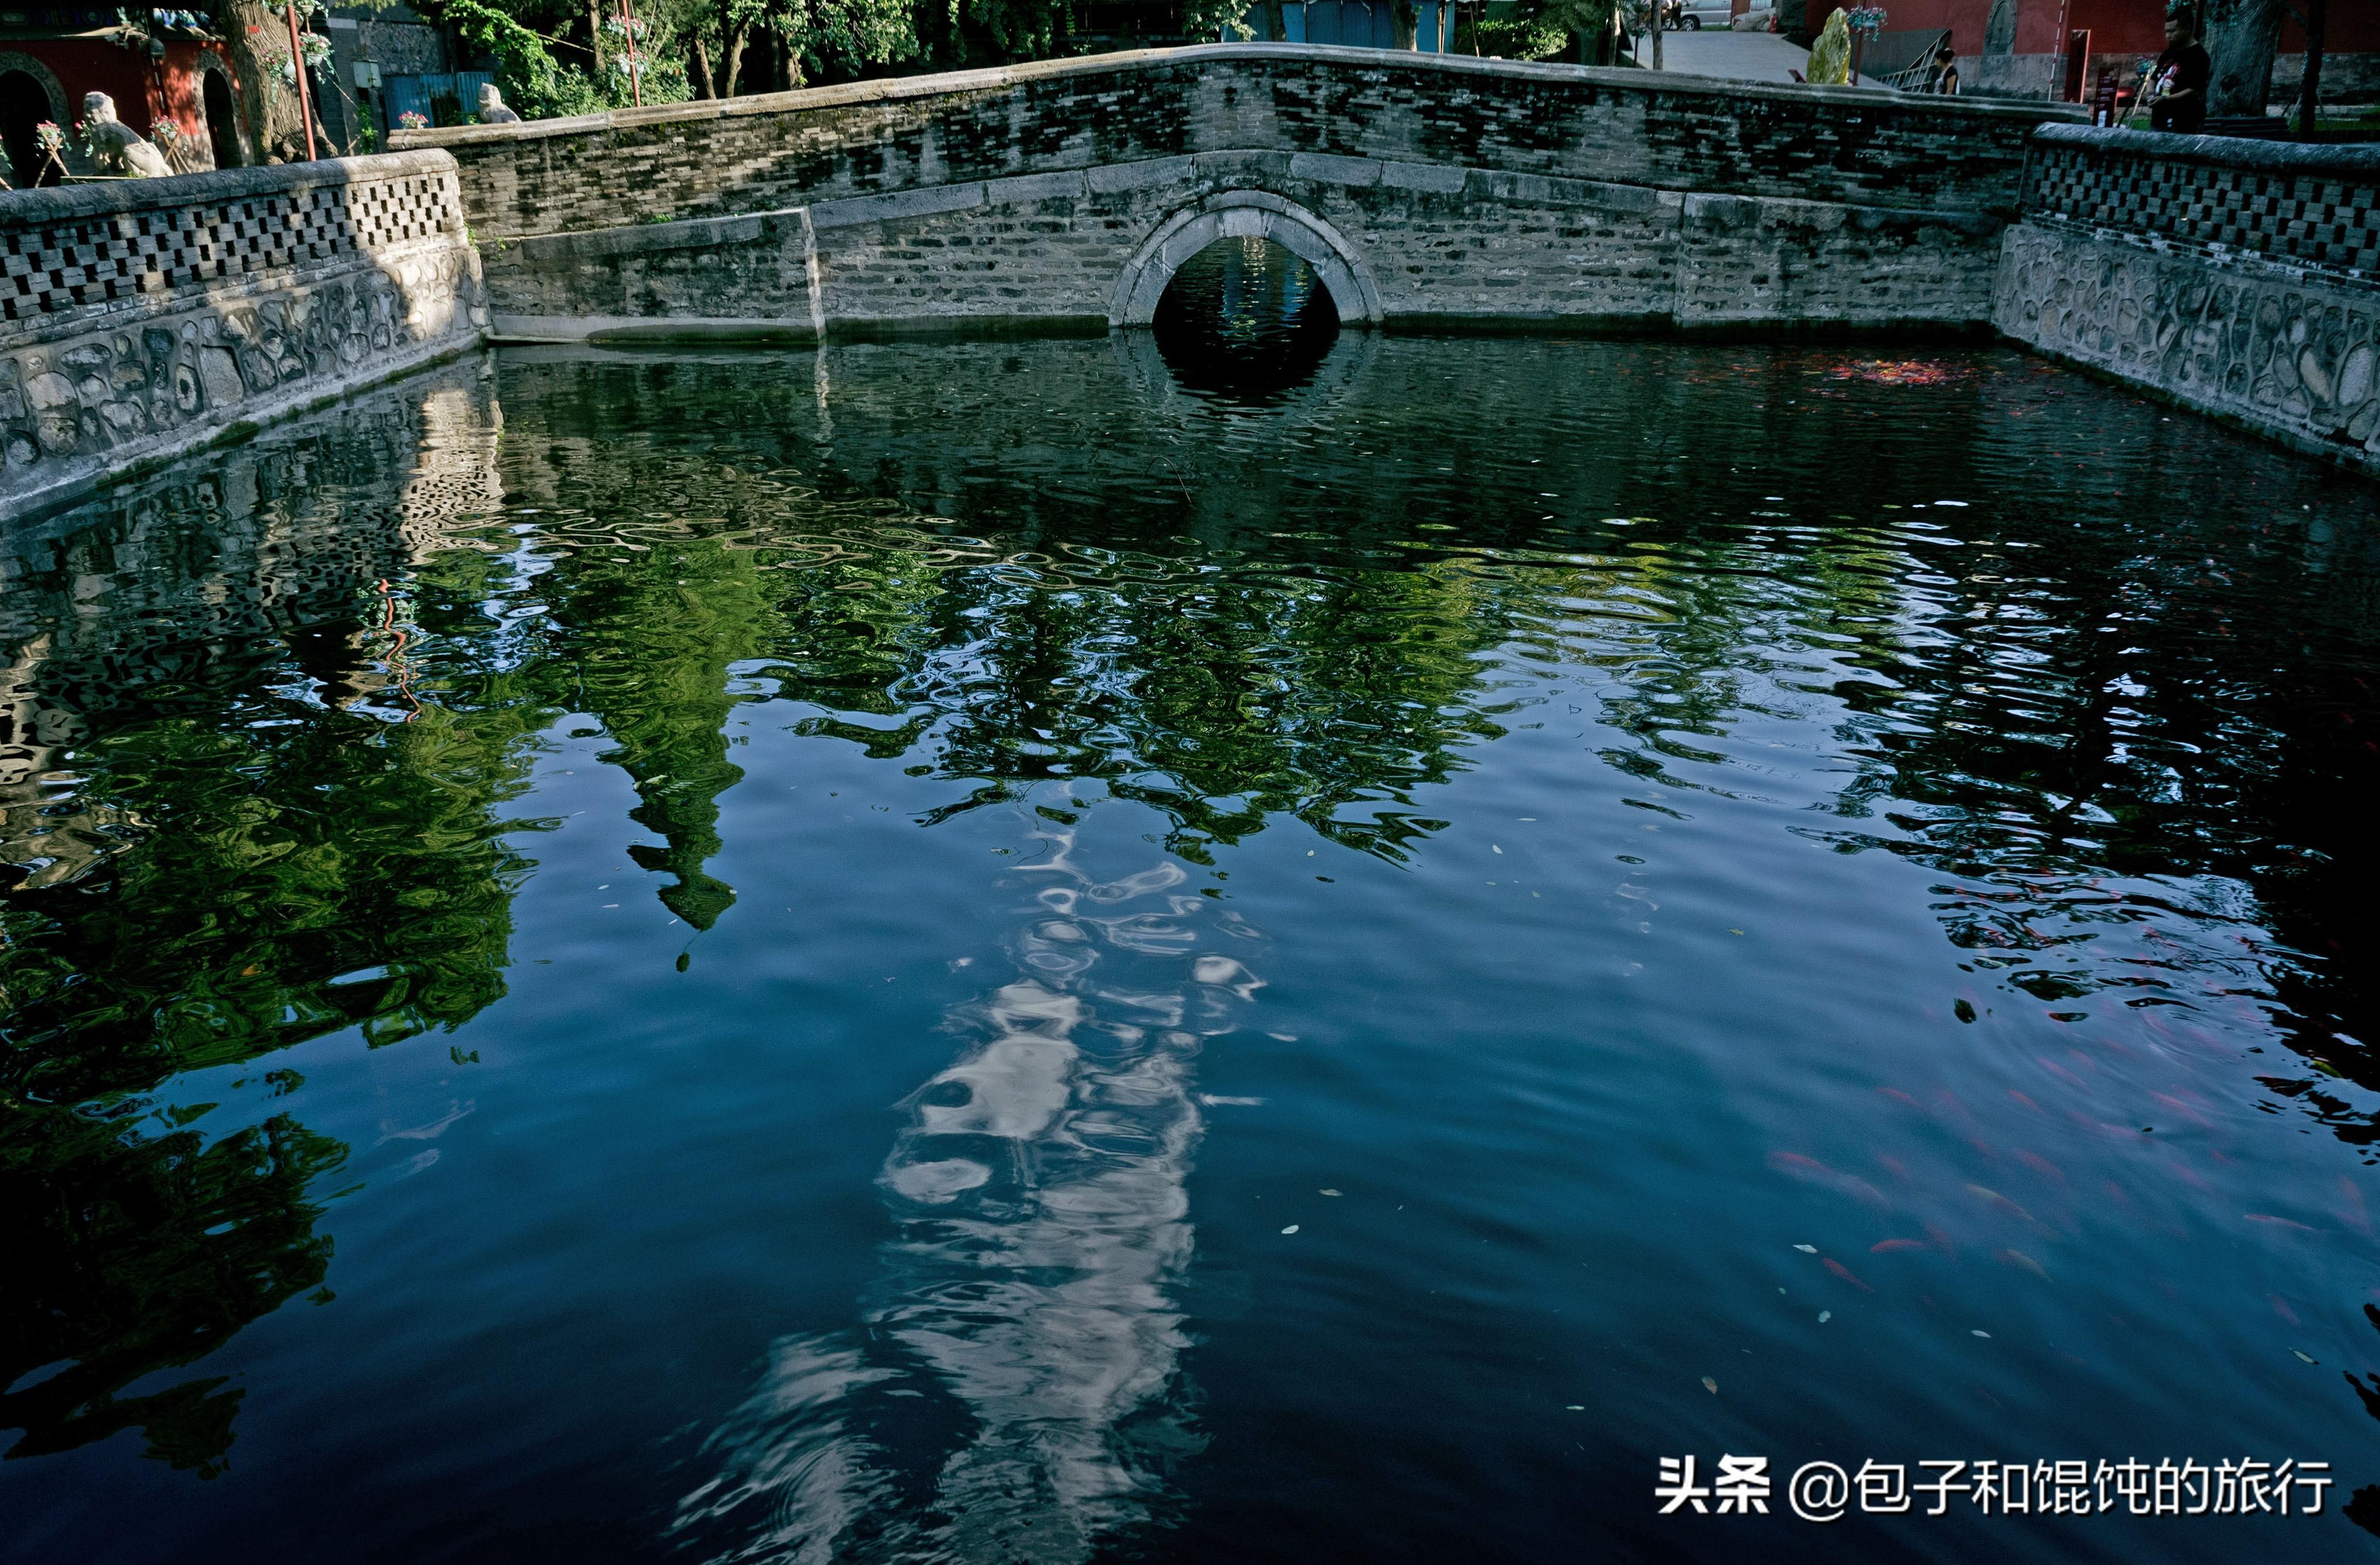 西山大觉寺,一座辽代古刹,景色美得没话说,秋天千年古树金黄